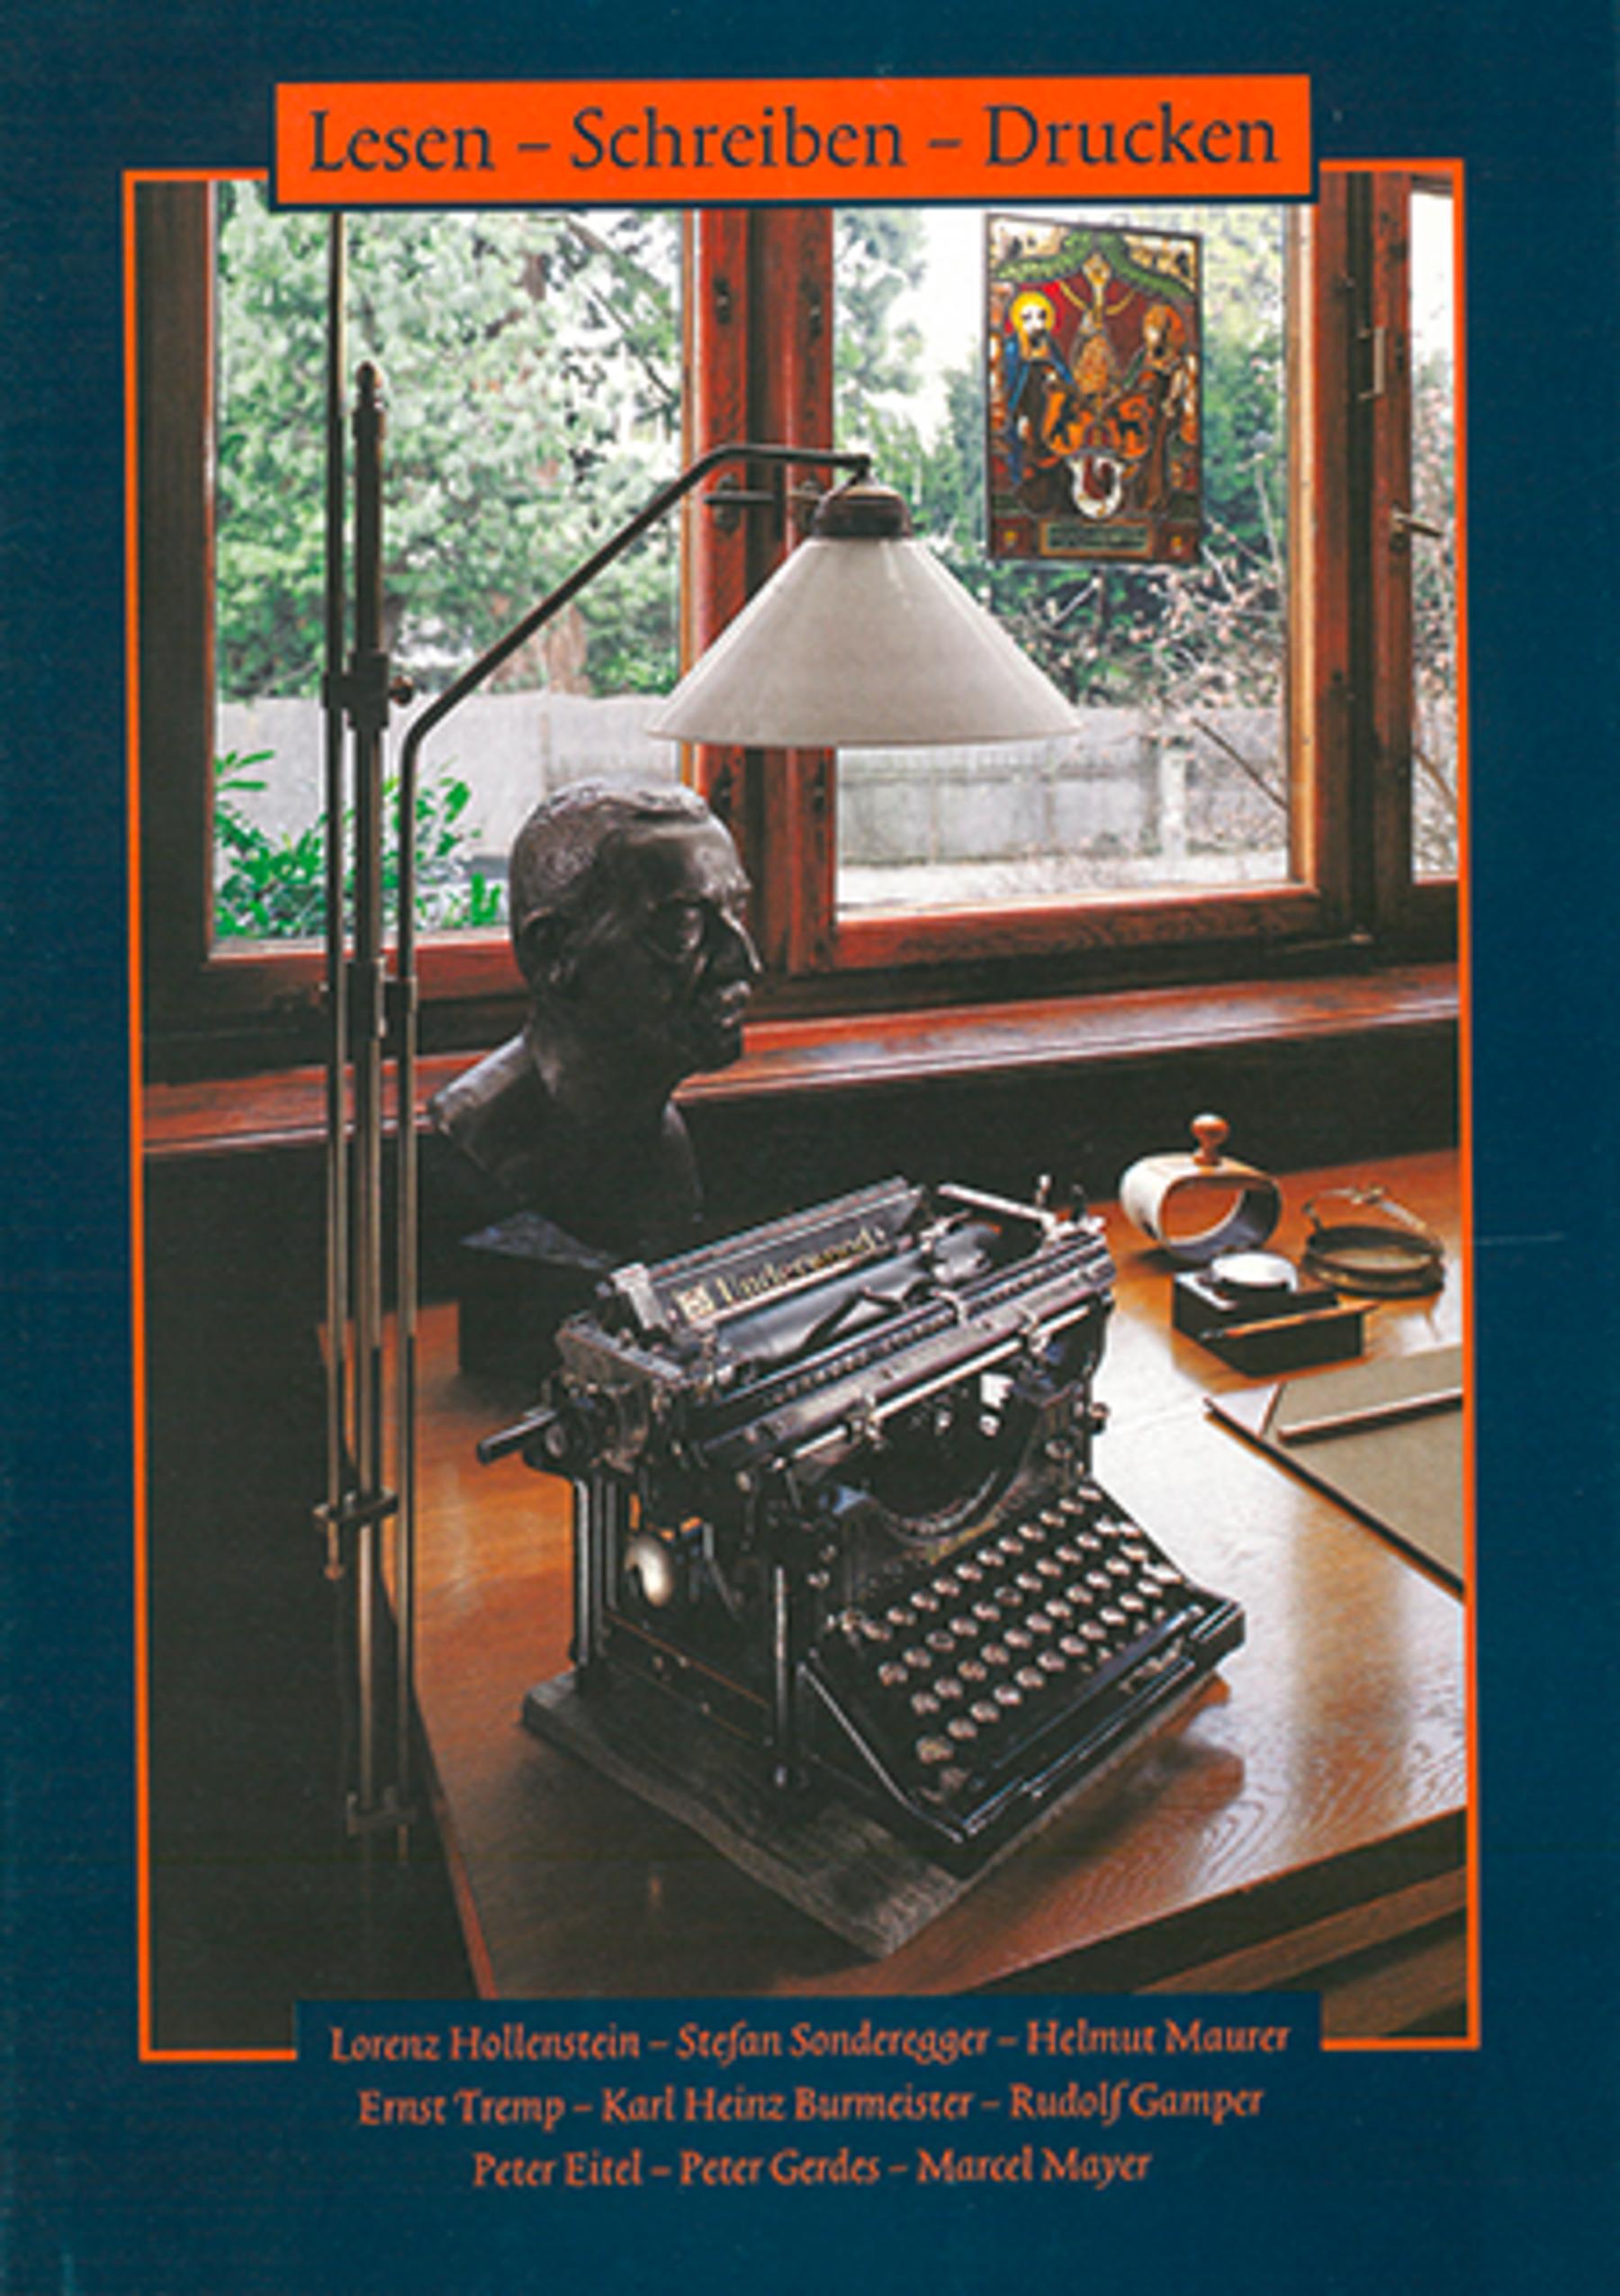 Lesen - Schreiben - Drucken